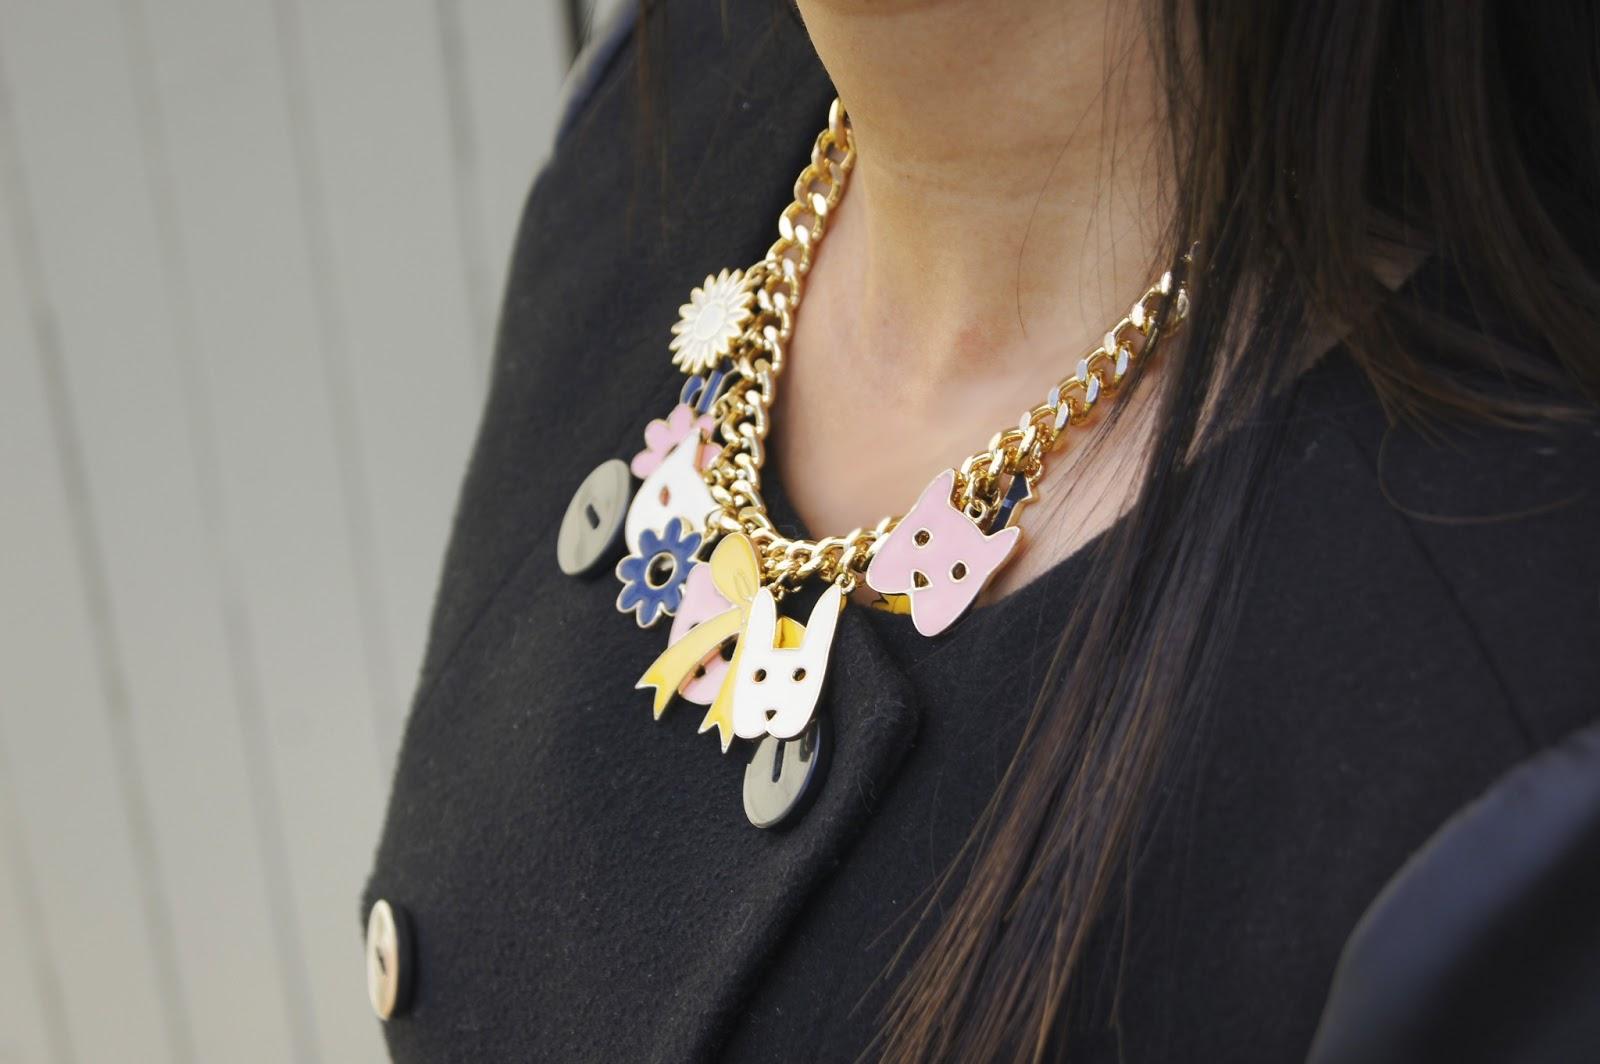 karen walker necklace, 2012, 2013, diy hand bag, portman leather jacket